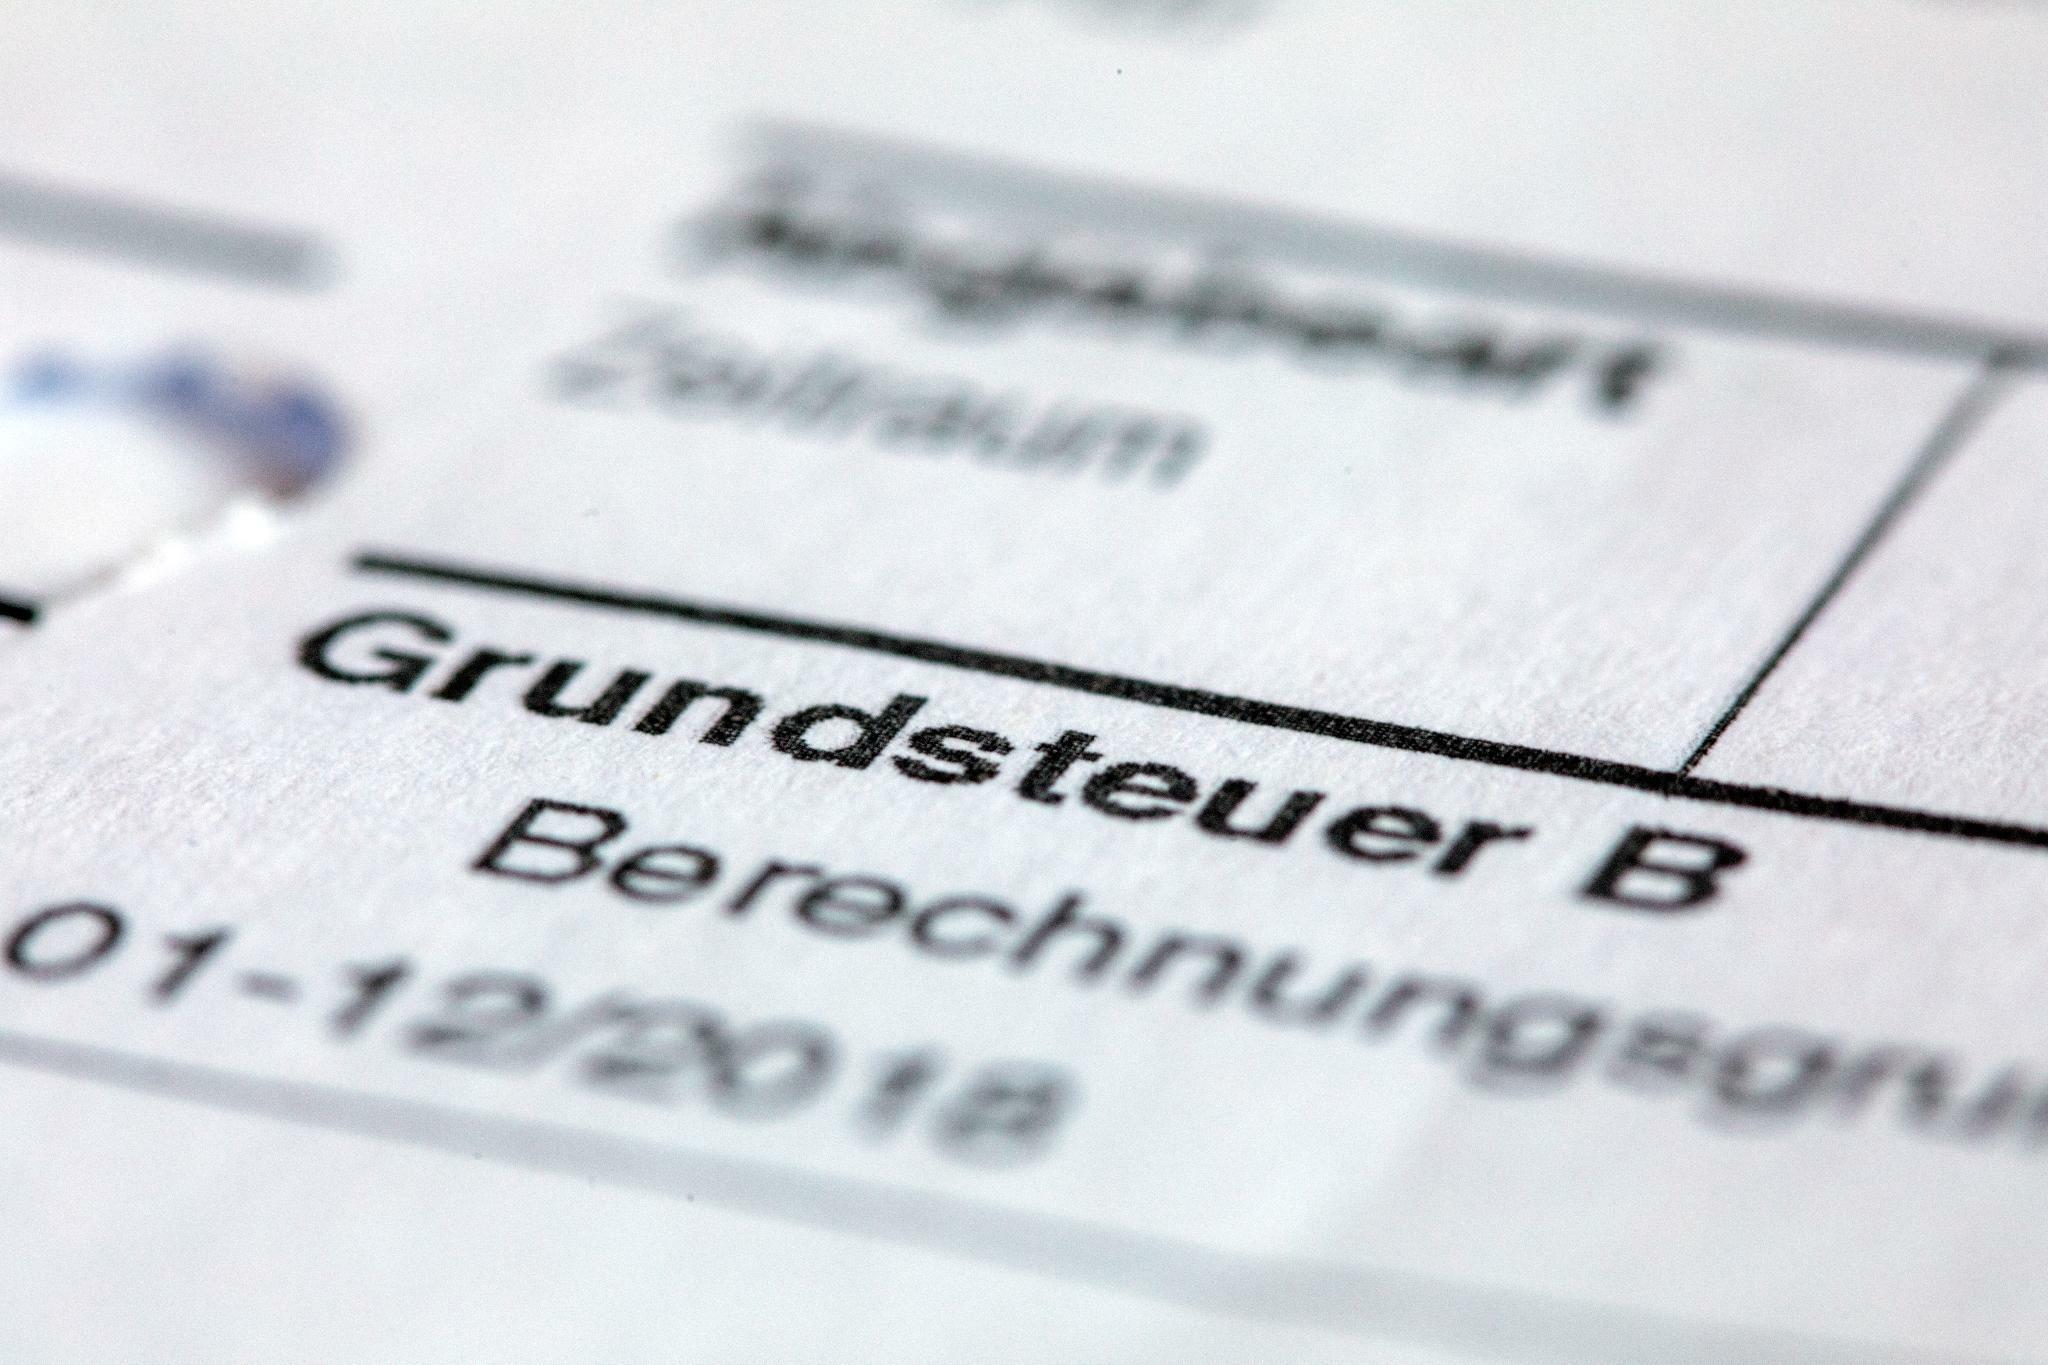 Grundsteuer: Reform auf der Zielgeraden, FDP stimmt nun doch zu